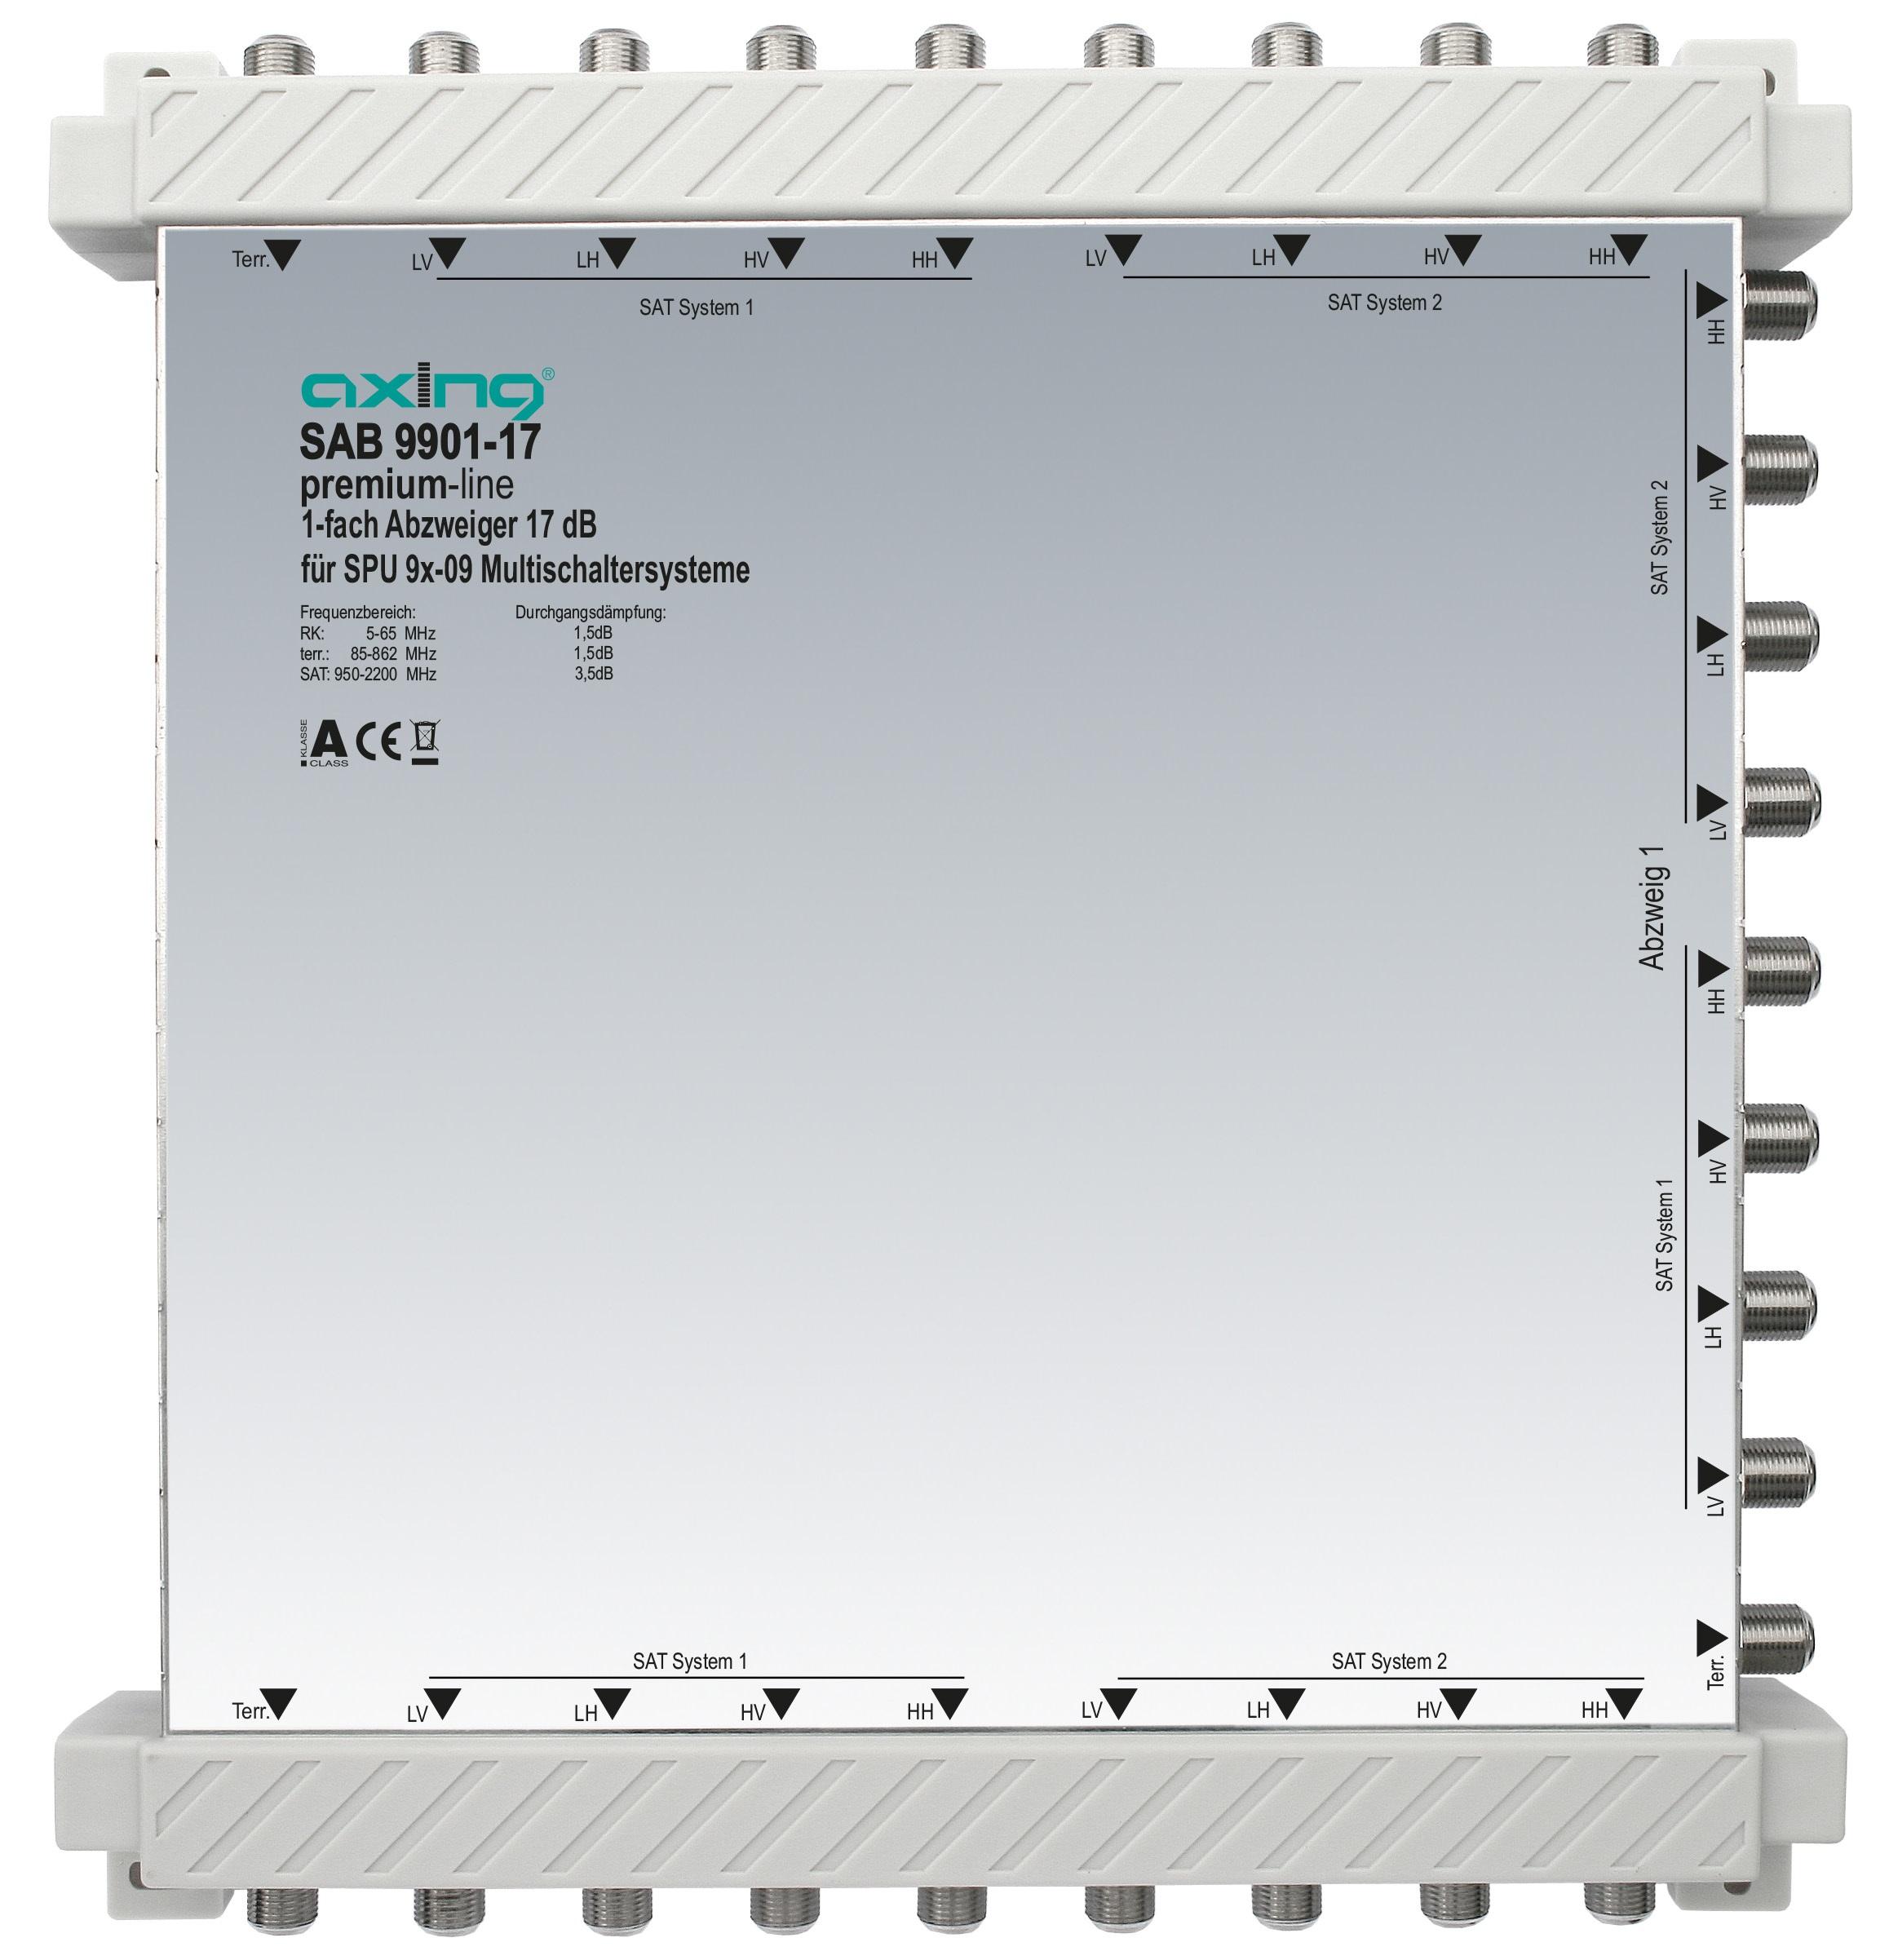 1 Stk 1-fach Abzweiger, 9 in 9, 17 dB, 5 bis 2200 MHz, SAB9901-17 HSZUV99117